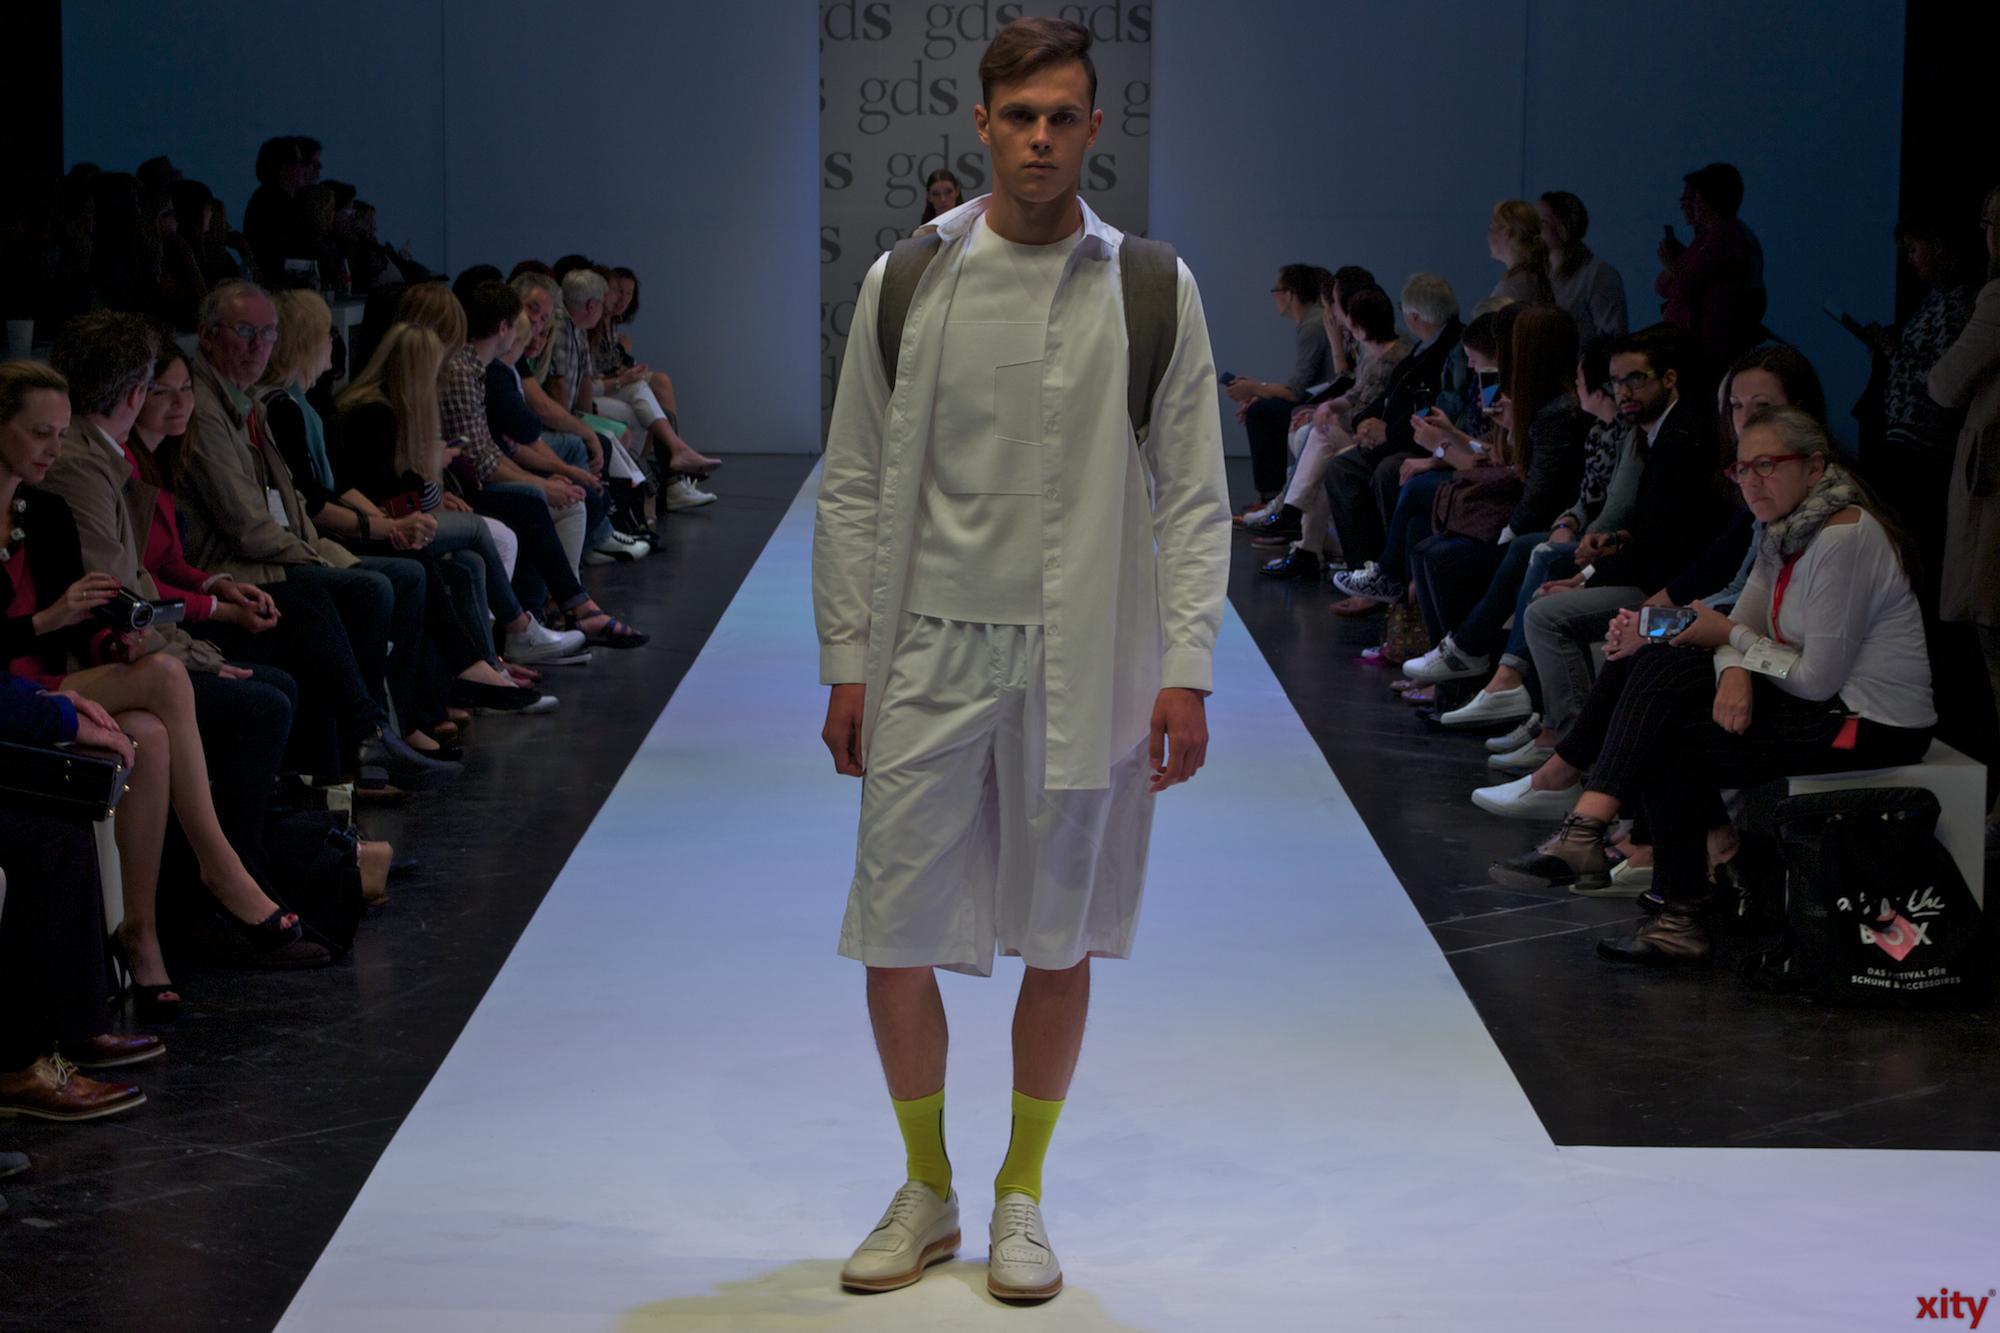 Der passende Schuh perfektioniert das eigene Outfit (Foto: xity)